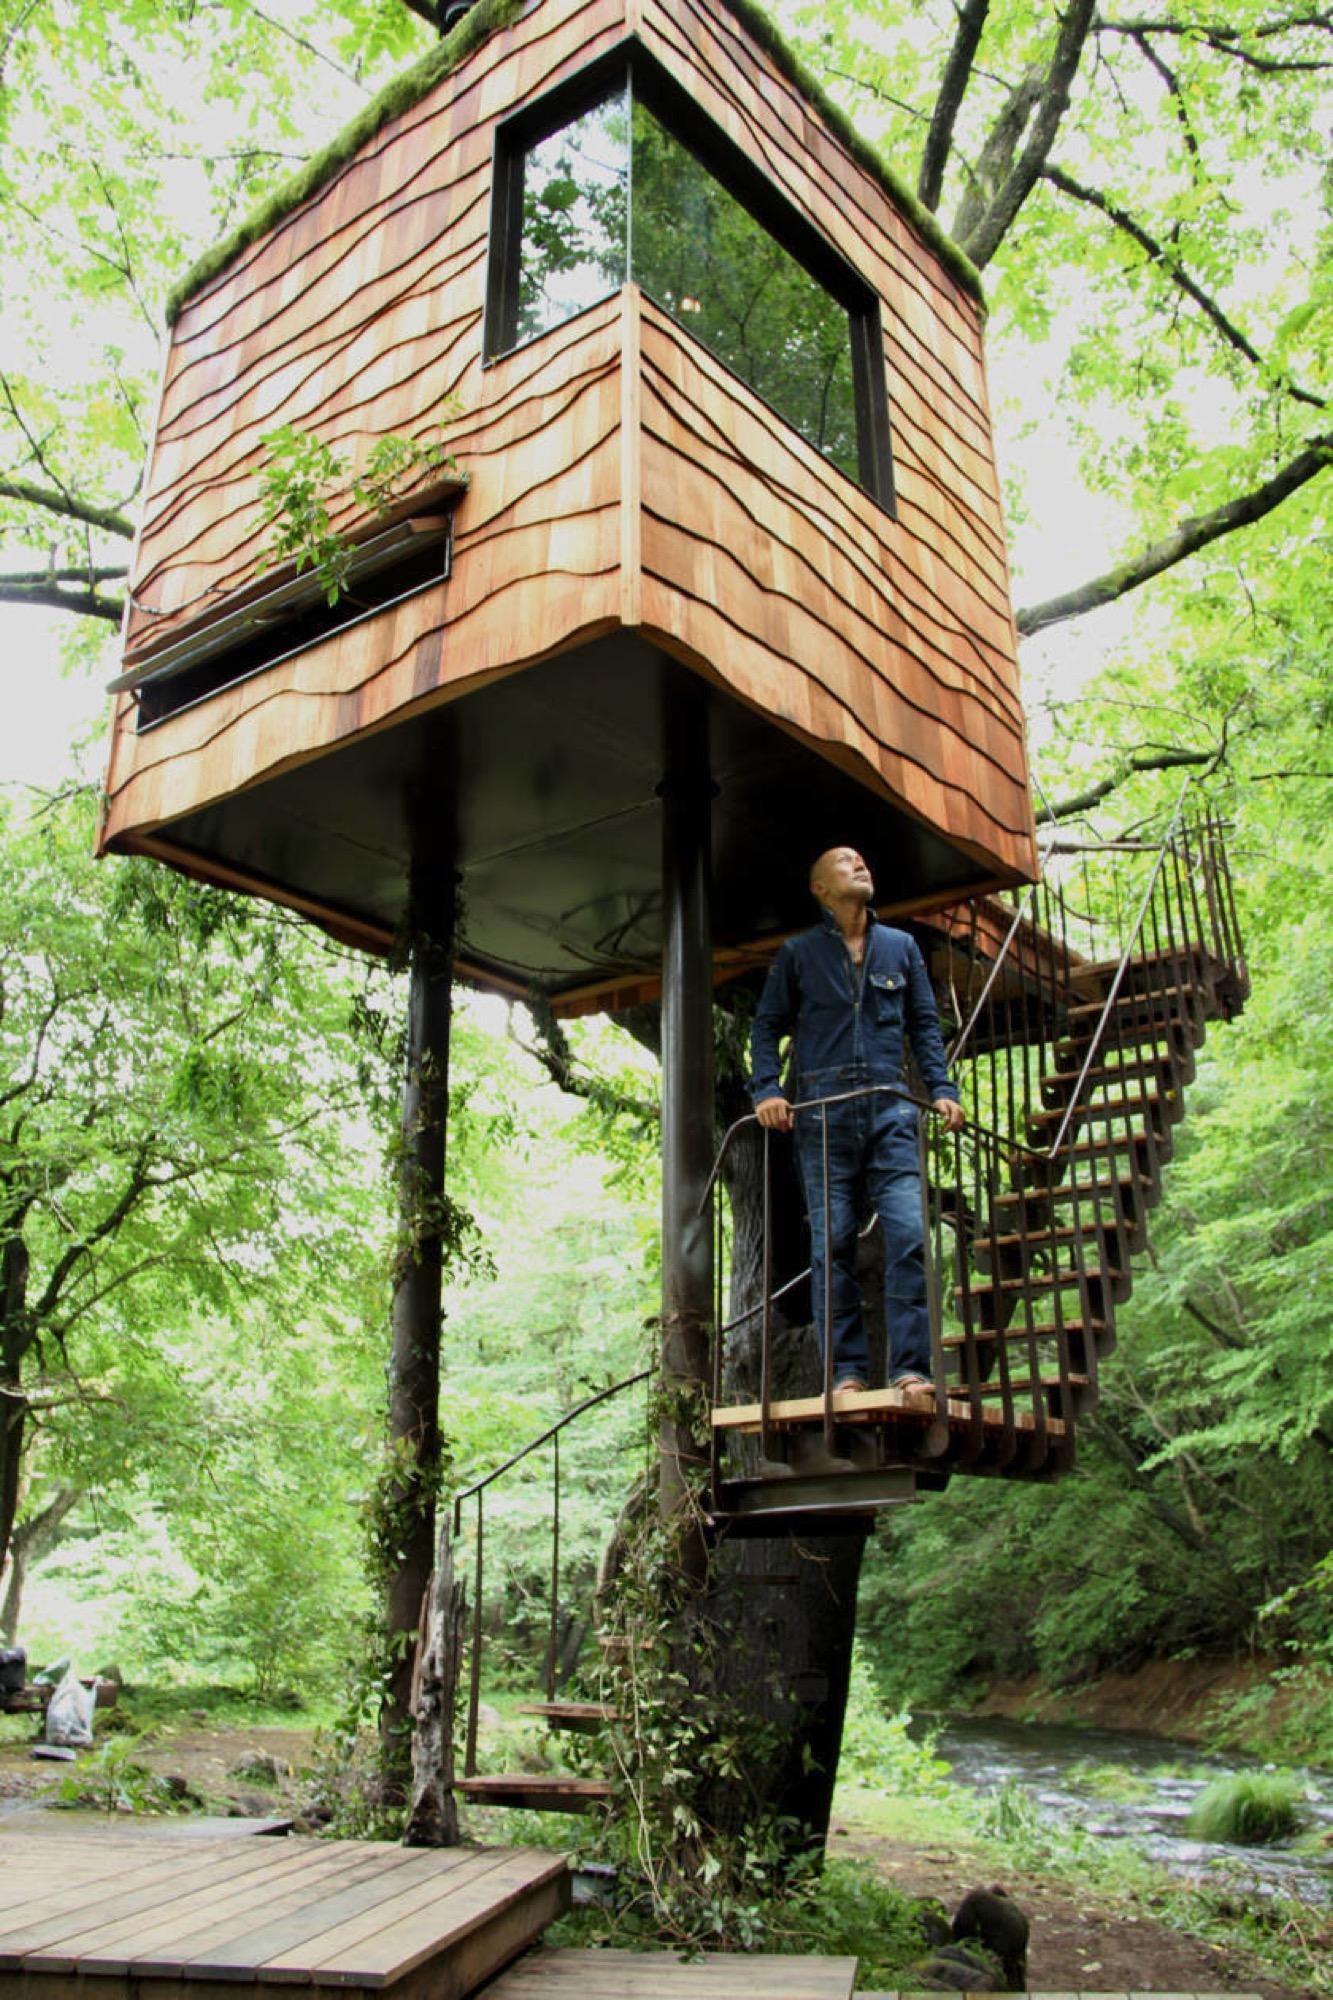 Tiny tree house designed by Japanese architect Takashi Kobayashi of the Tree House People/ Photo Courtesy of Design Made in Japan